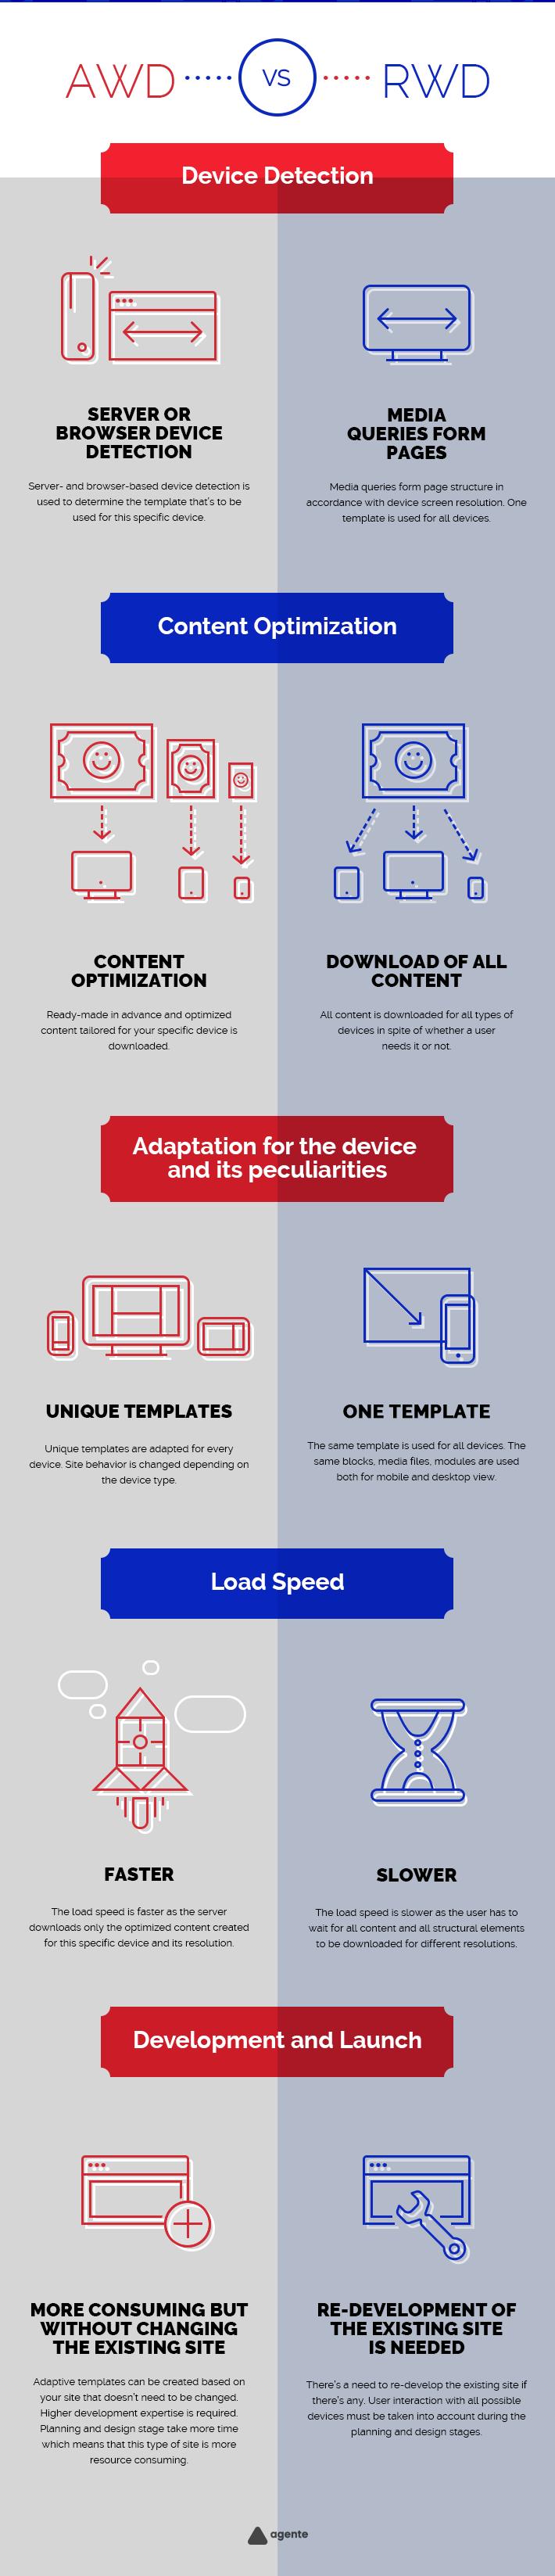 Diseño web responsive vs adaptative